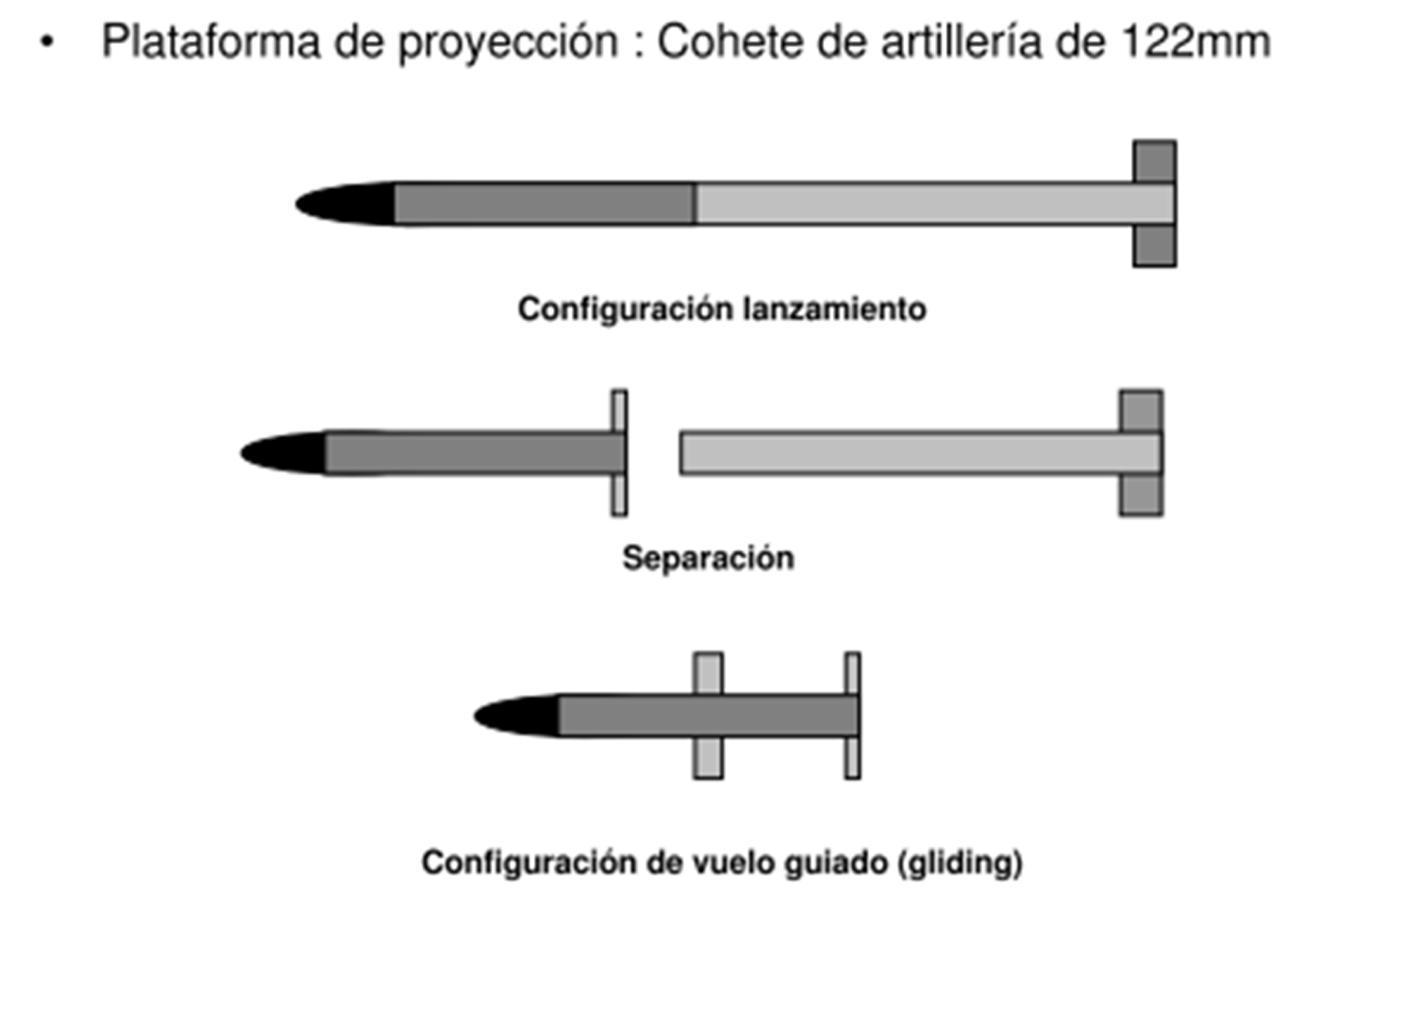 Munición Guiada Argentina de Precisión MUGAP Fabricaciones Militares Fvv1o9